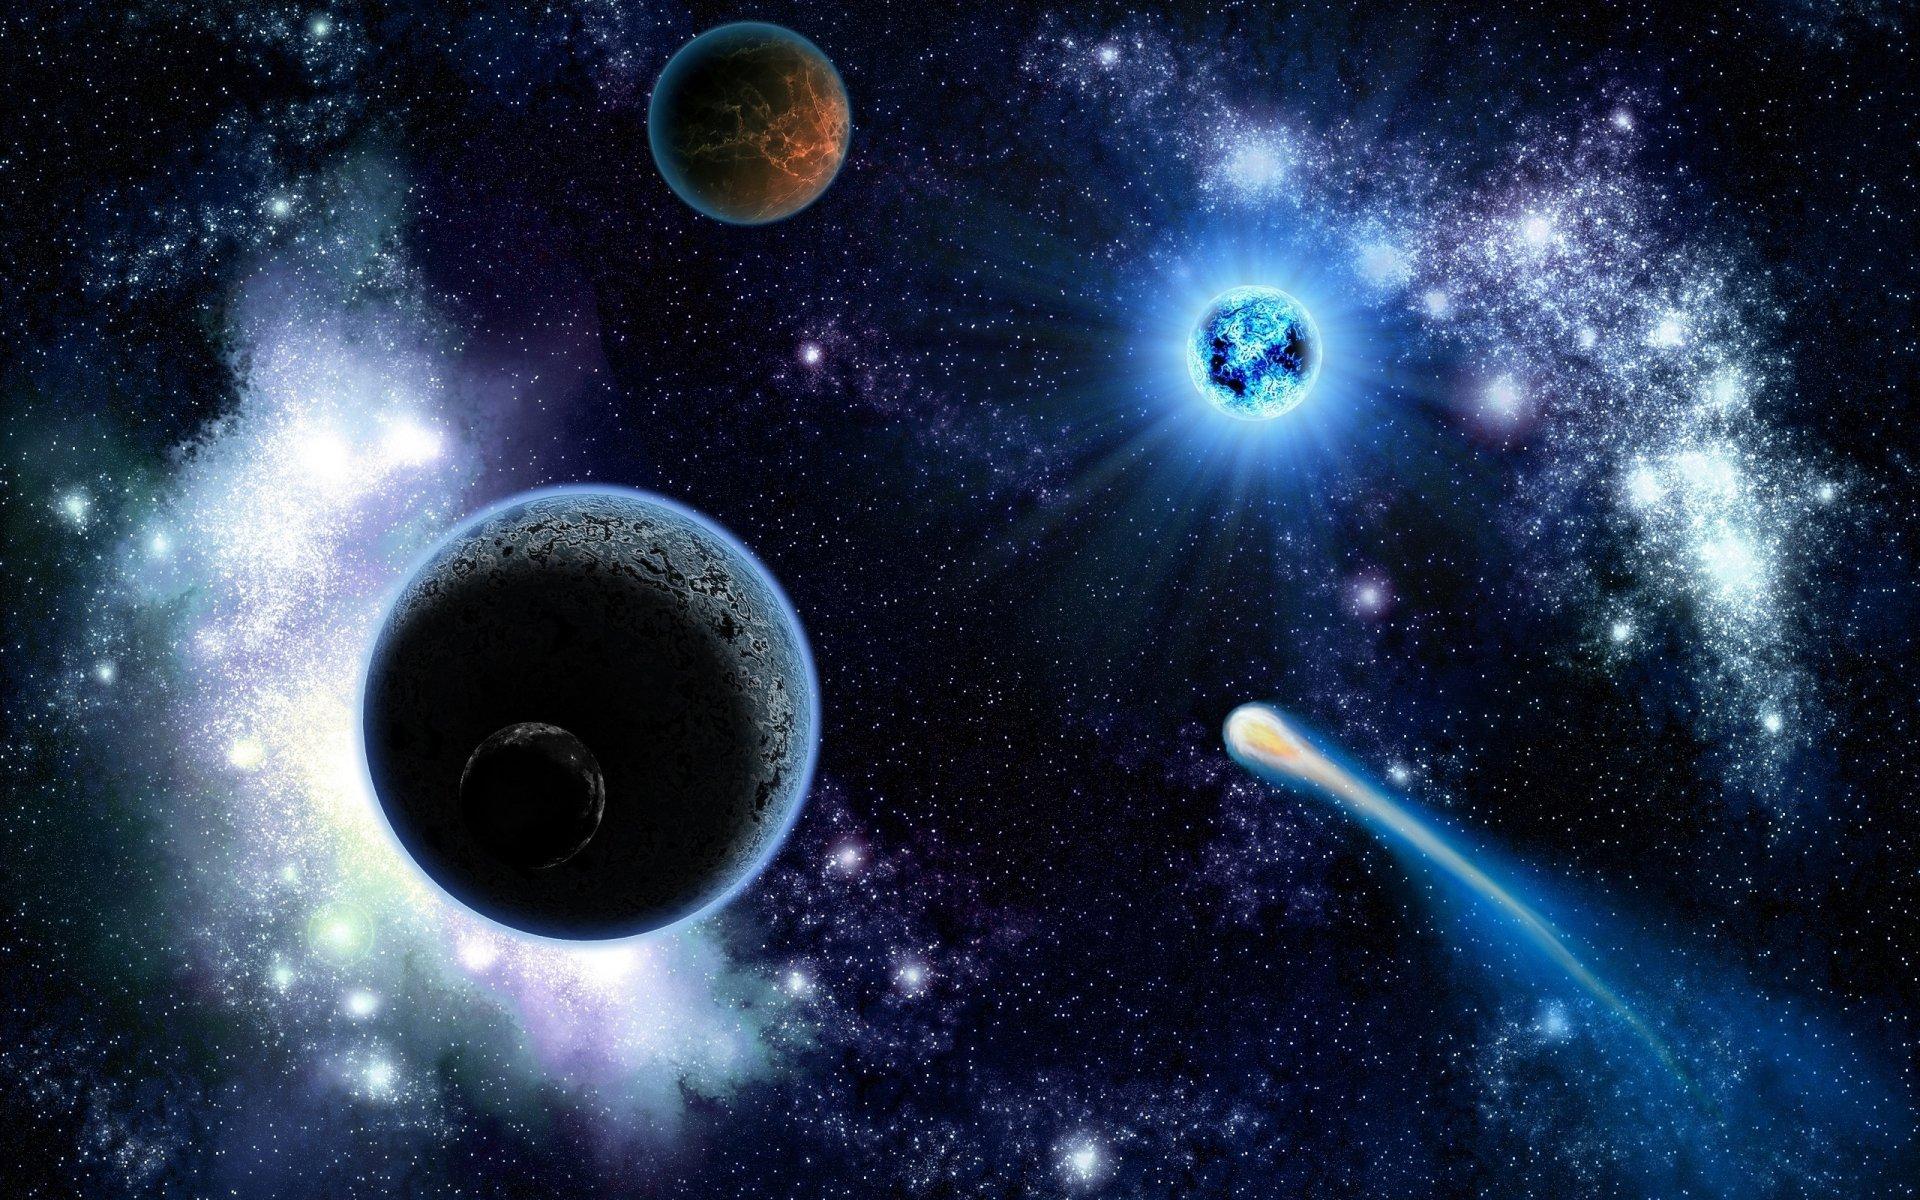 космос все картинки планет галактики полезную